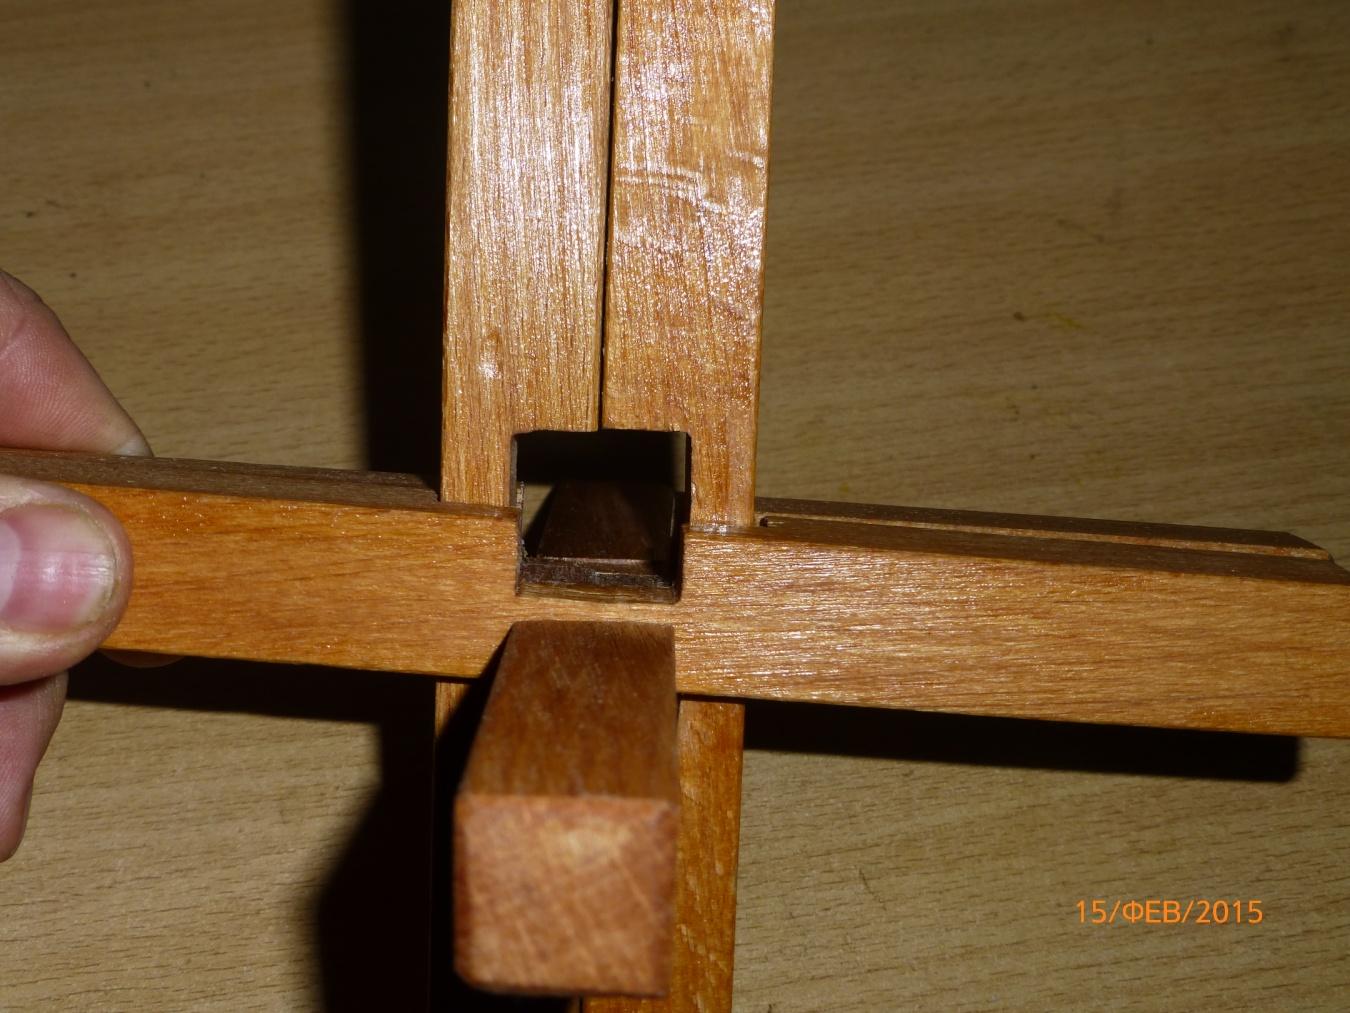 F:\Мои документы\Школа\Уроки\технология\Технология мальч\МОЁ мастерские фото\Двойной крест мой\2 крест Макарова мой\Сборка 2 креста Макарова\4-3.JPG